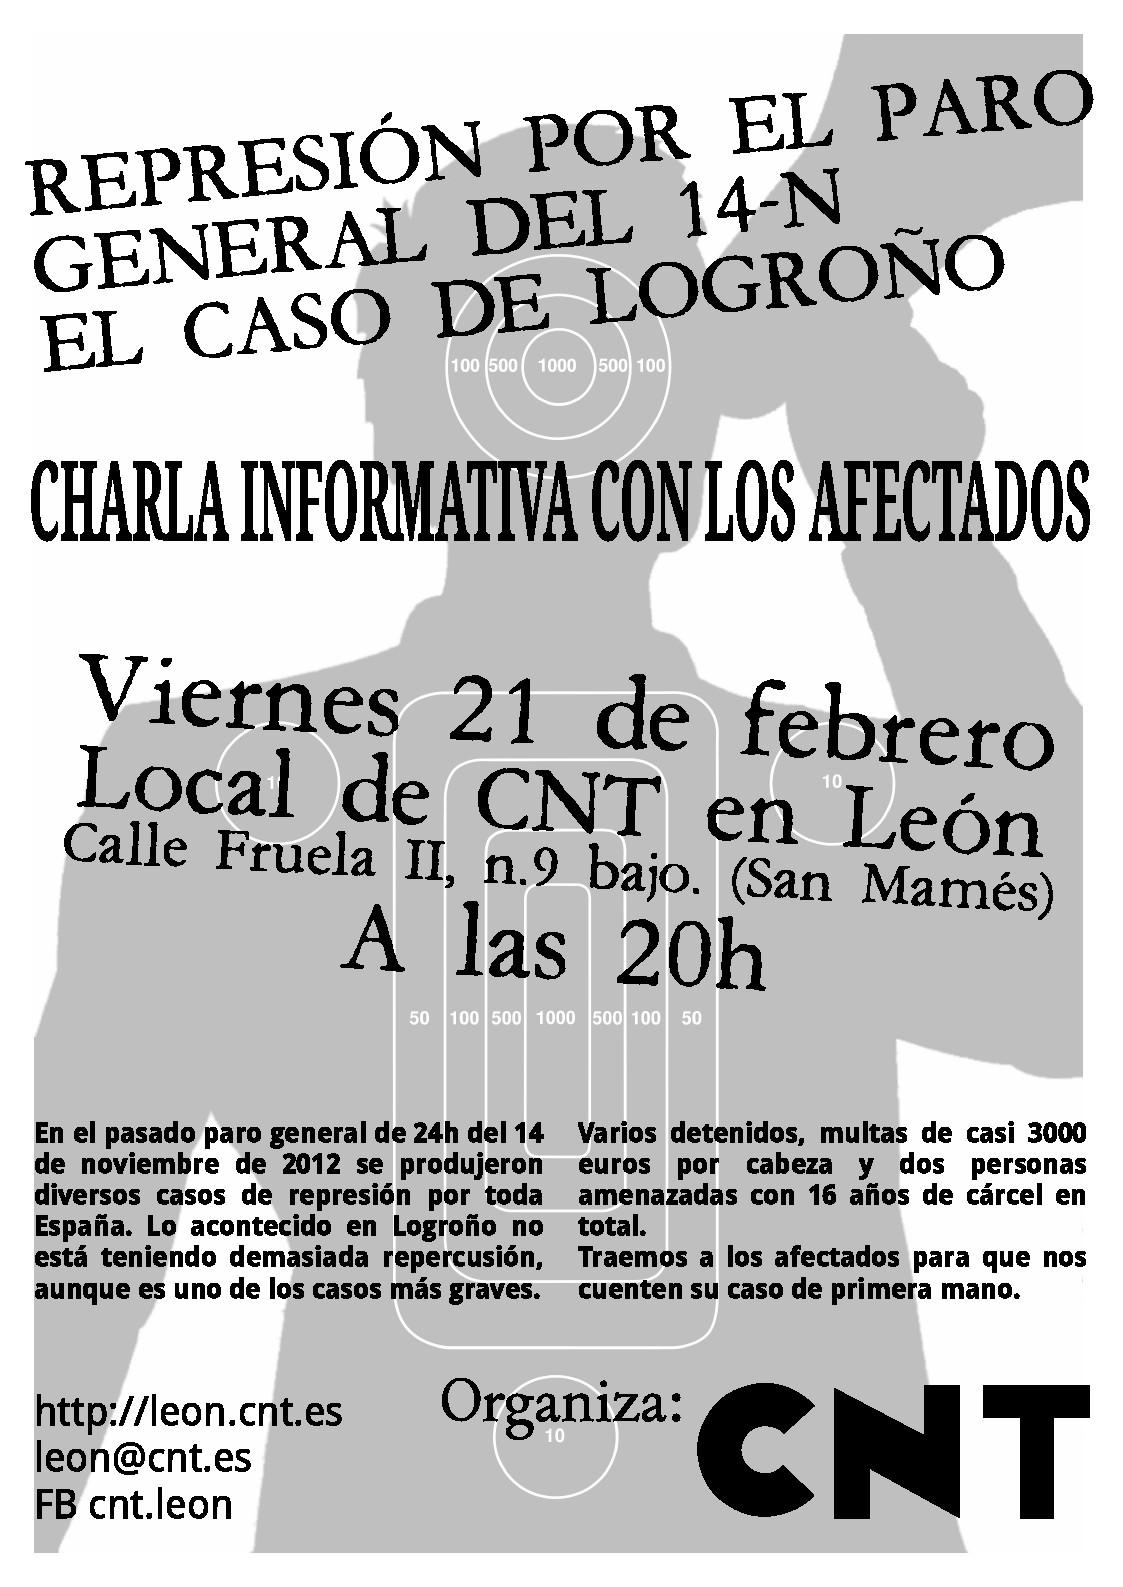 Anarquistas, Anarquista, Anarquísmo, Anarquía, anarcosindicalismo, anarcosindicato, CNT AIT ,CNT, CNT FAI, sindicato, sindicatos, libertarios, trabajadores, trabajadoras, asociación internacional de los trabajadores, Anarchists, anarchist, anarchism, anarchy, anarcho-syndicalism, anarcho, CNT AIT, CNT, CNT FAI, union, unions, libertarians, workers, workers, international association of workers, CharlaRepresiónLeón, Represión por el paro general del 14N: el caso de Logroño Jueves 13 Febrero 2014 at 2:15 pm Charla informativa con los afectados  Viernes 21 de febrero a las 20:00 horas  Lugar: Local de CNT en León. C/Fruela II, n.9 bajo (San Mamés).  En el pasado paro general de 24 horas del 14 de noviembre de 2012 se produjeron diversos casos de represión por toda España. Lo acontecido en Logroño no está teniendo demasiada repercusión, aunque es uno de los casos más graves.  Varios detenidos, multas de casi 3000 euros por cabeza y dos personas amenazadas con 16 años de cárcel en total.  Traemos a los afectados para que nos cuenten su caso de primera mano. CharlaRepresiónLeón